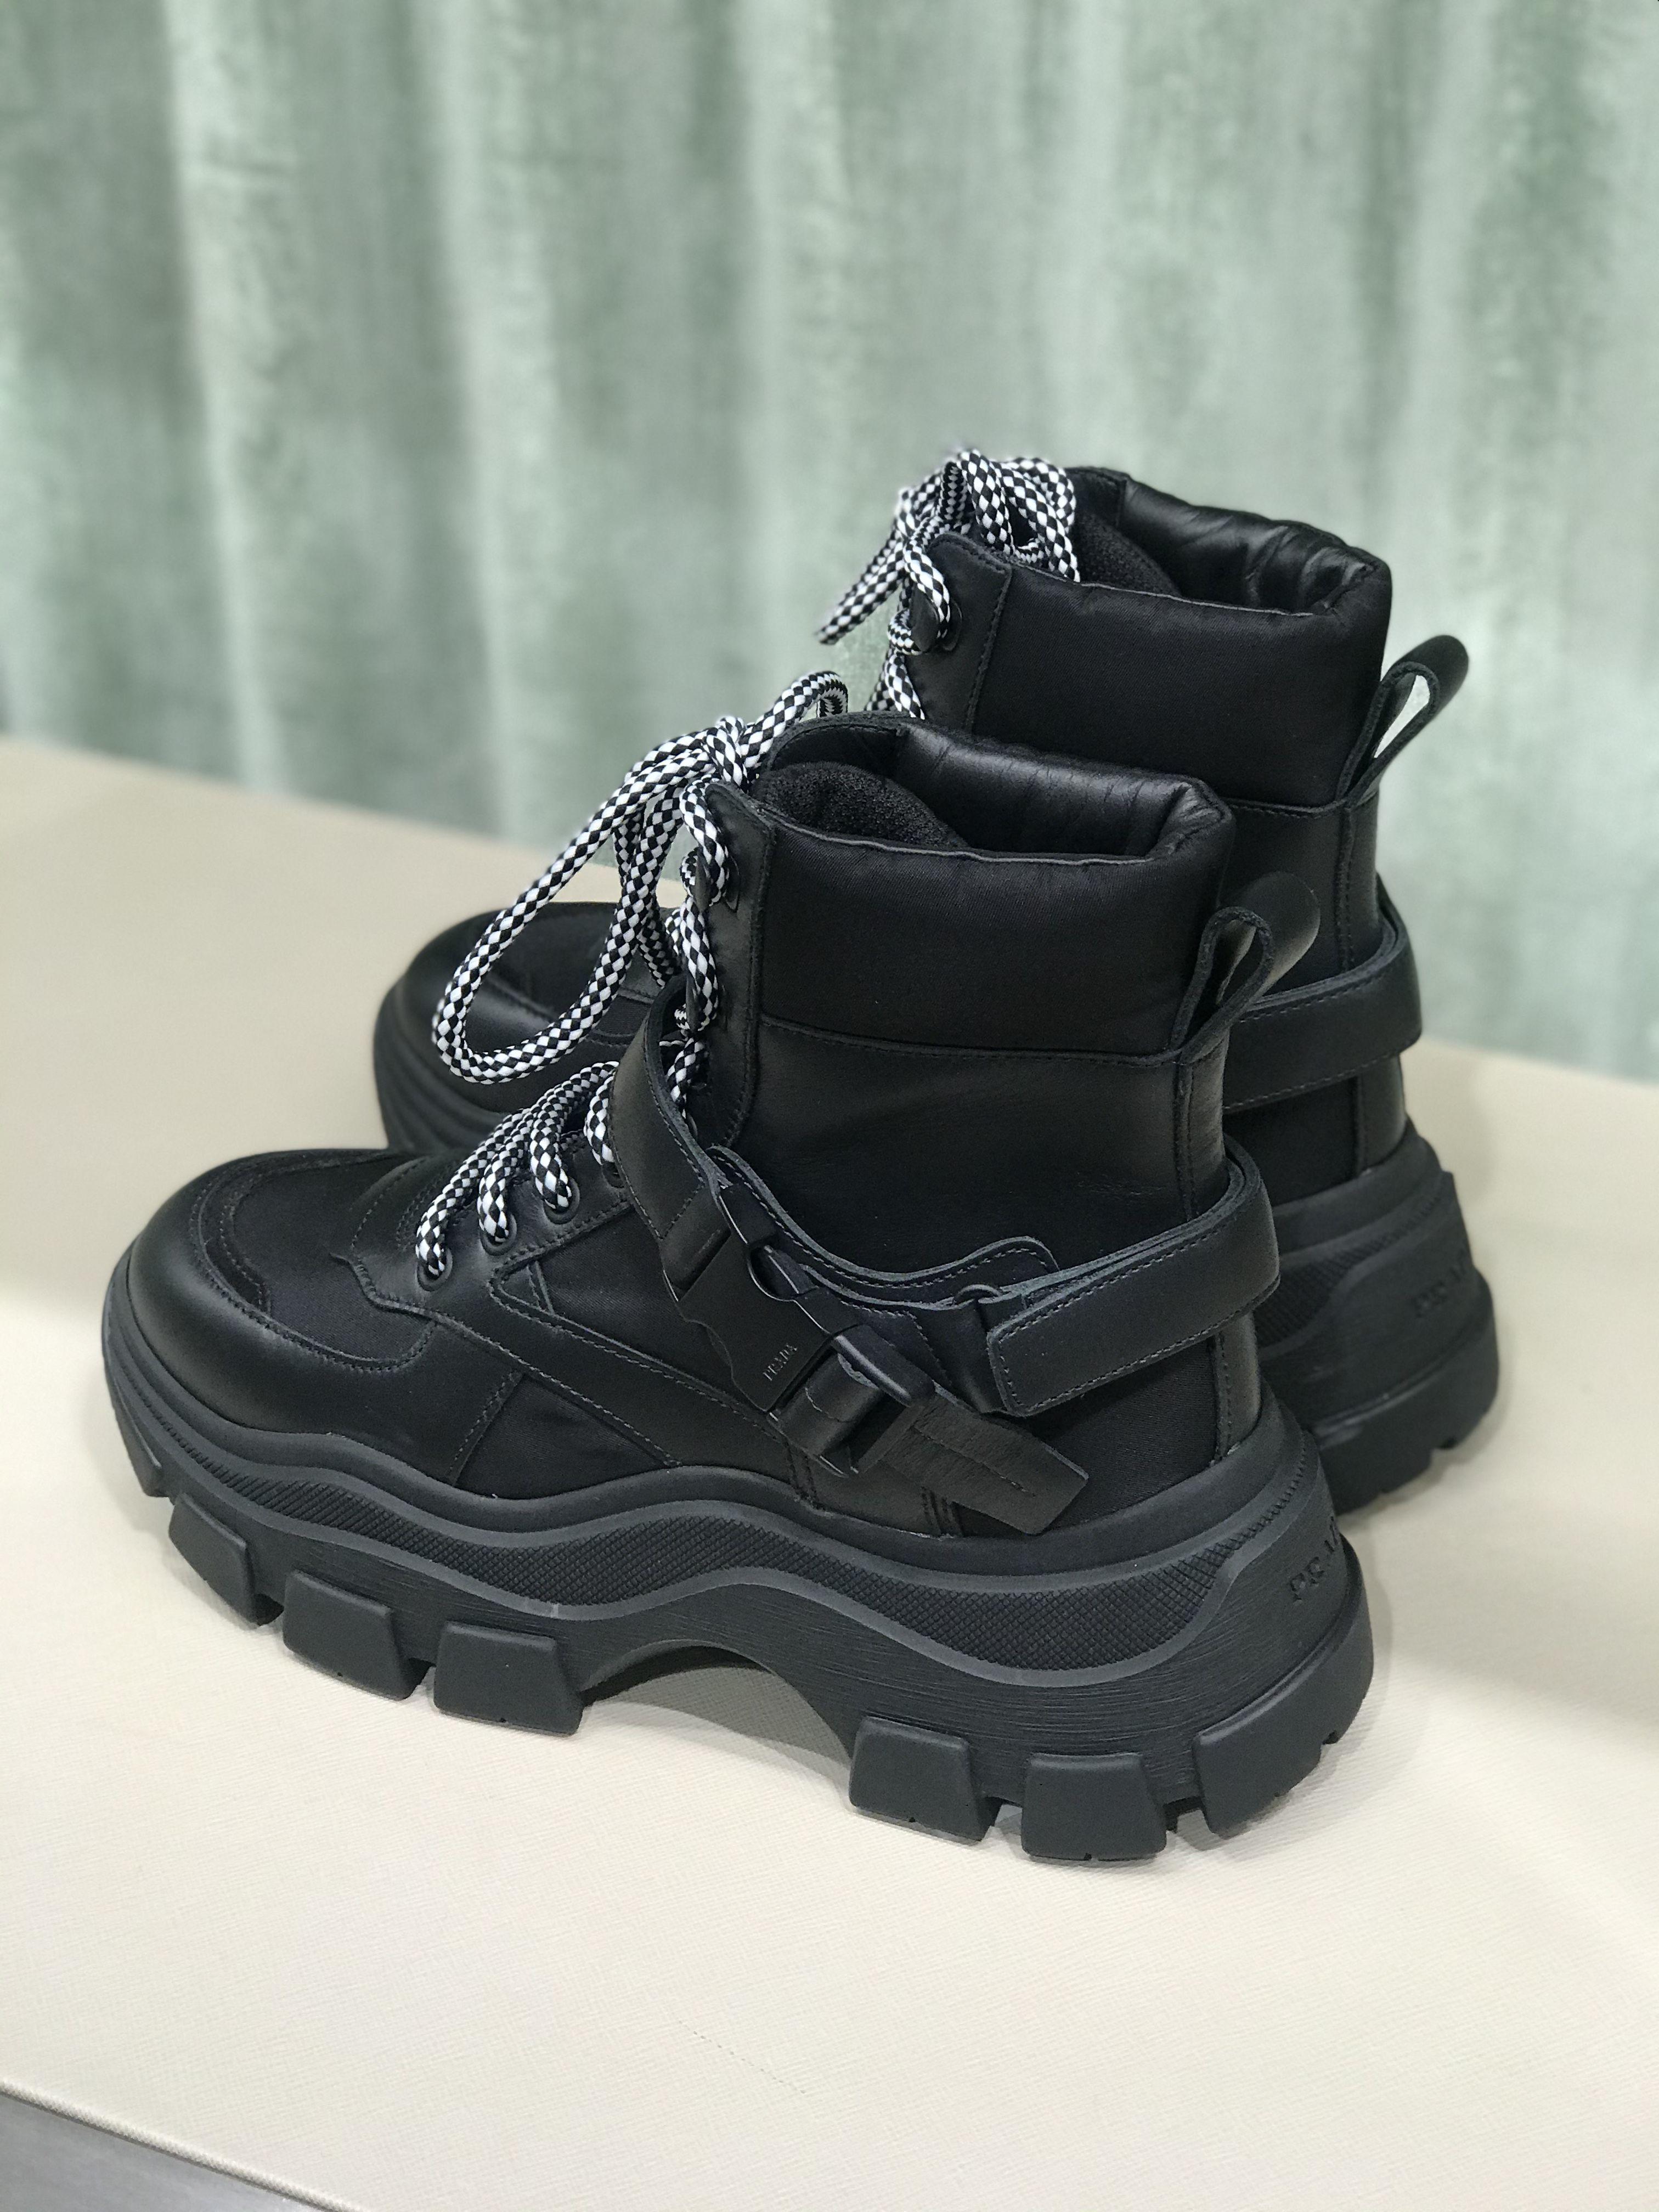 Prada black block high-top sneakers